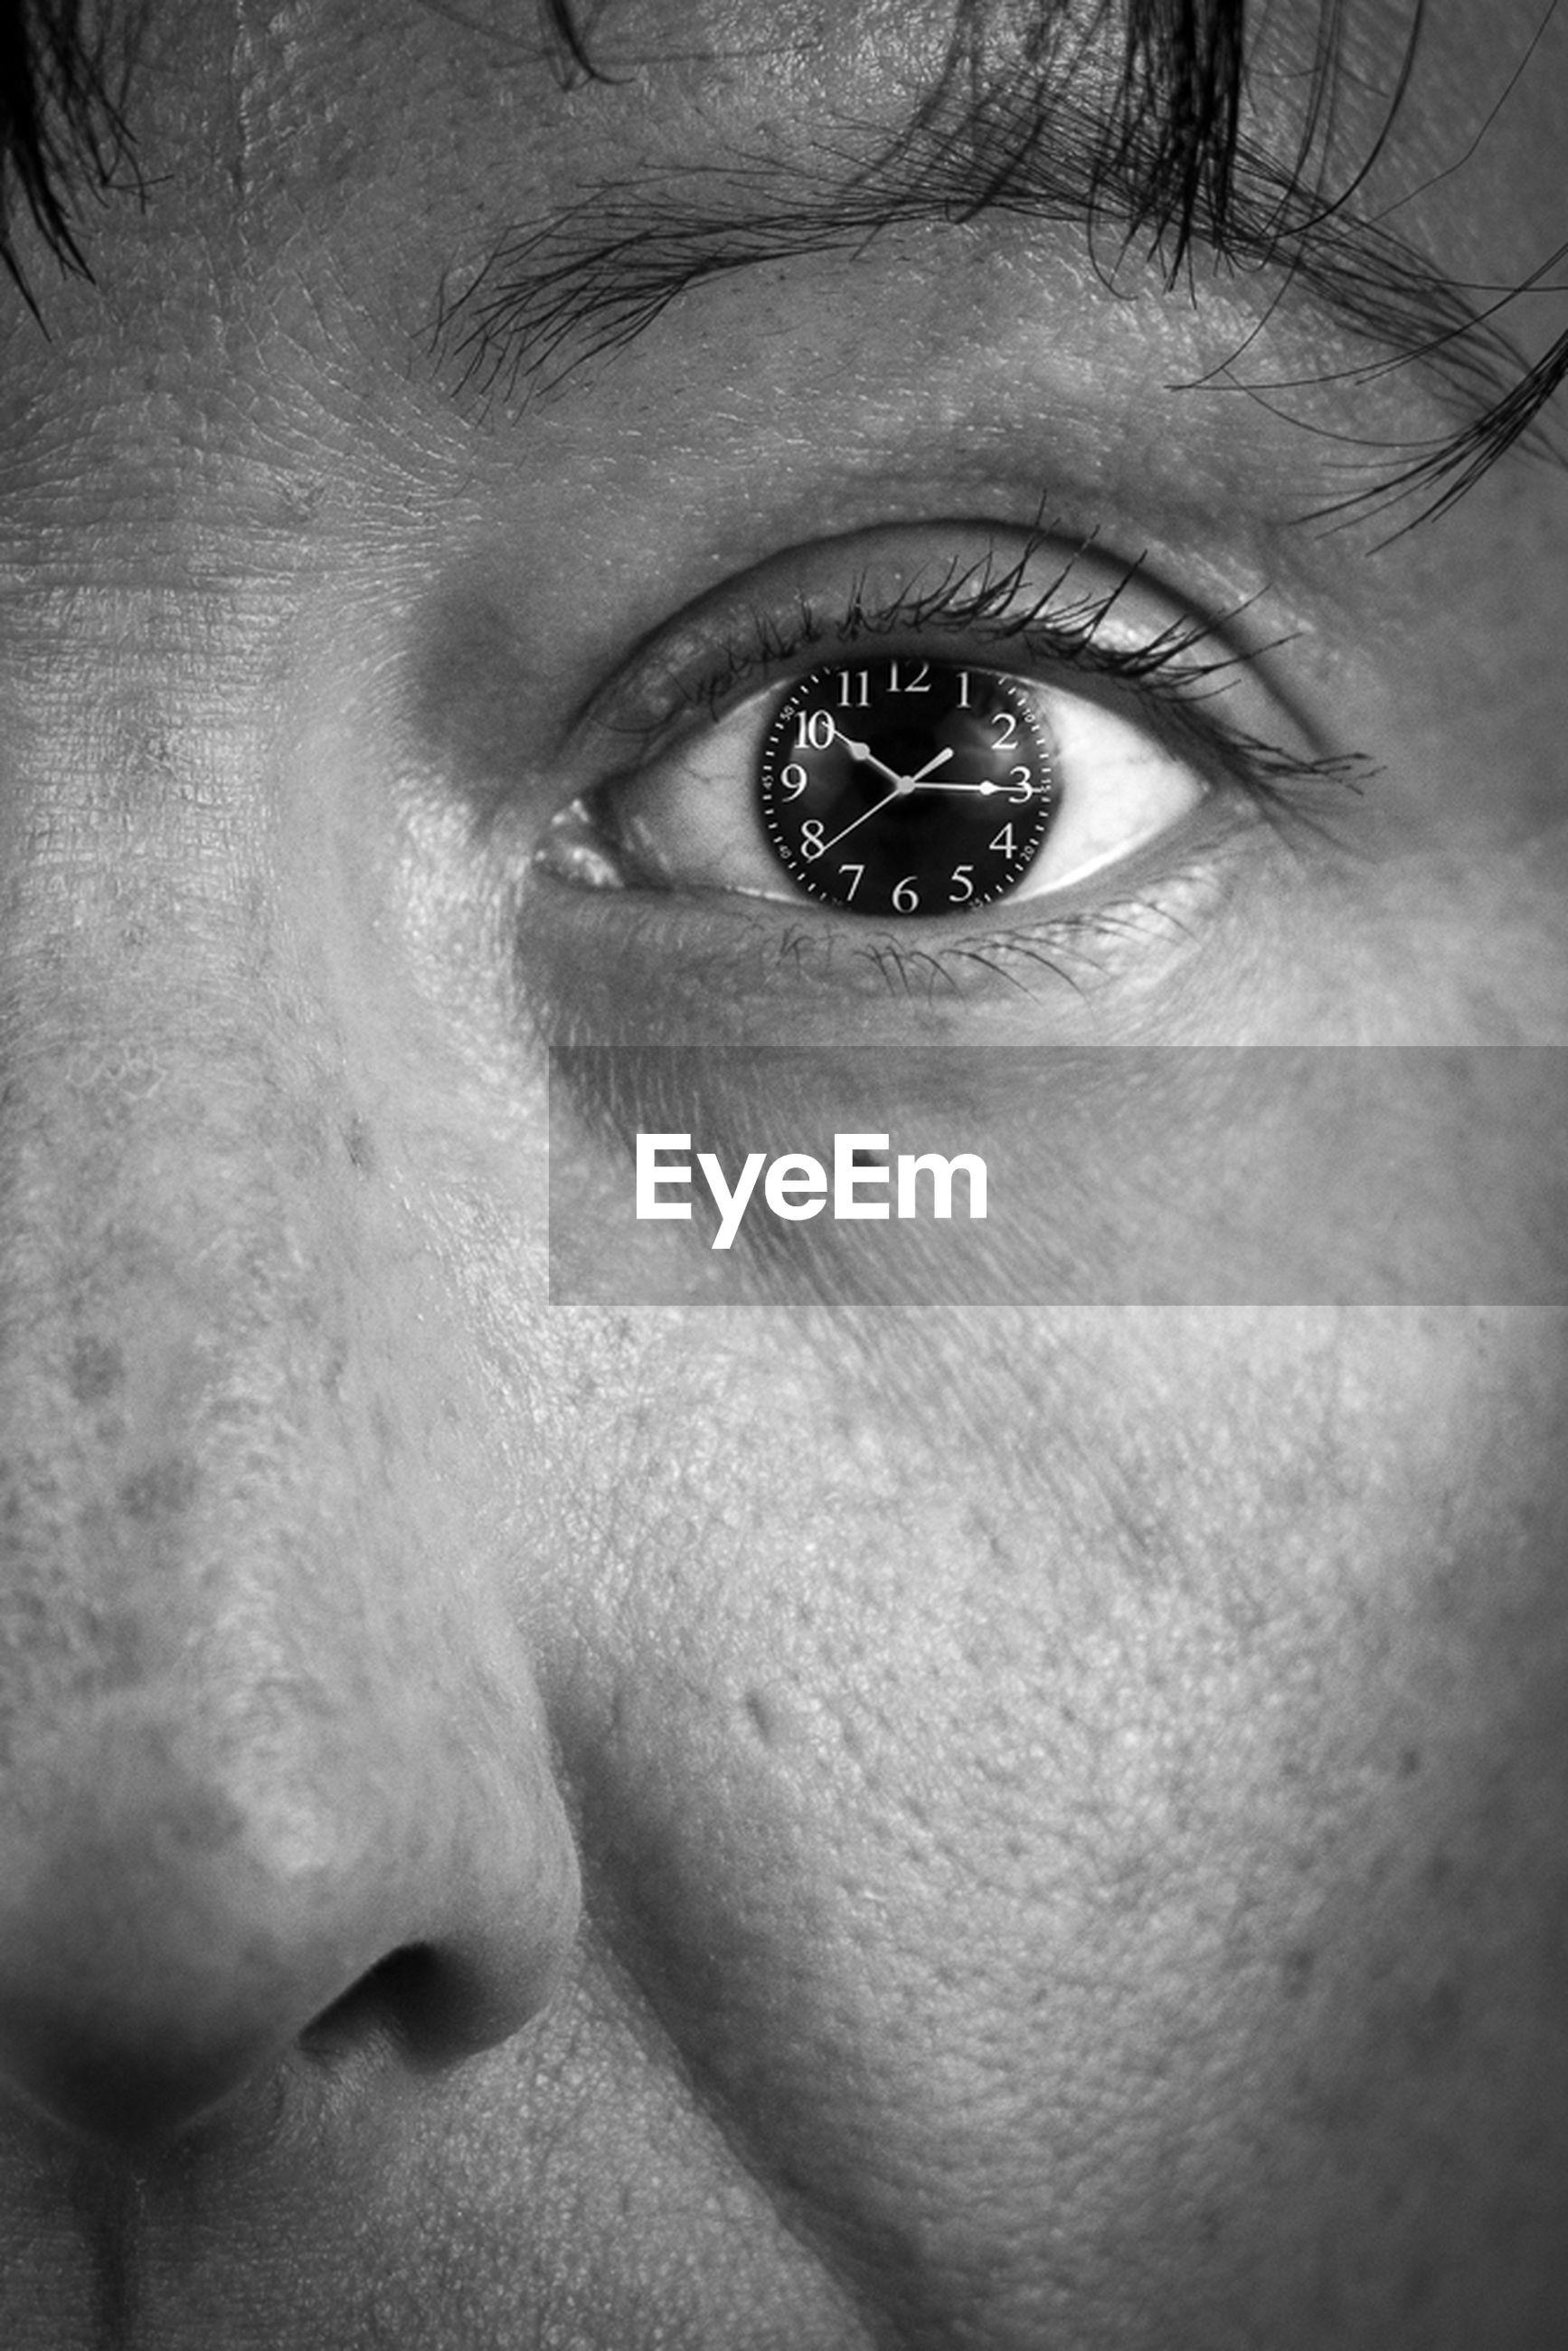 human eye, eyelash, close-up, eyesight, extreme close-up, looking at camera, part of, portrait, sensory perception, full frame, human face, human skin, extreme close up, iris - eye, eyebrow, indoors, eyeball